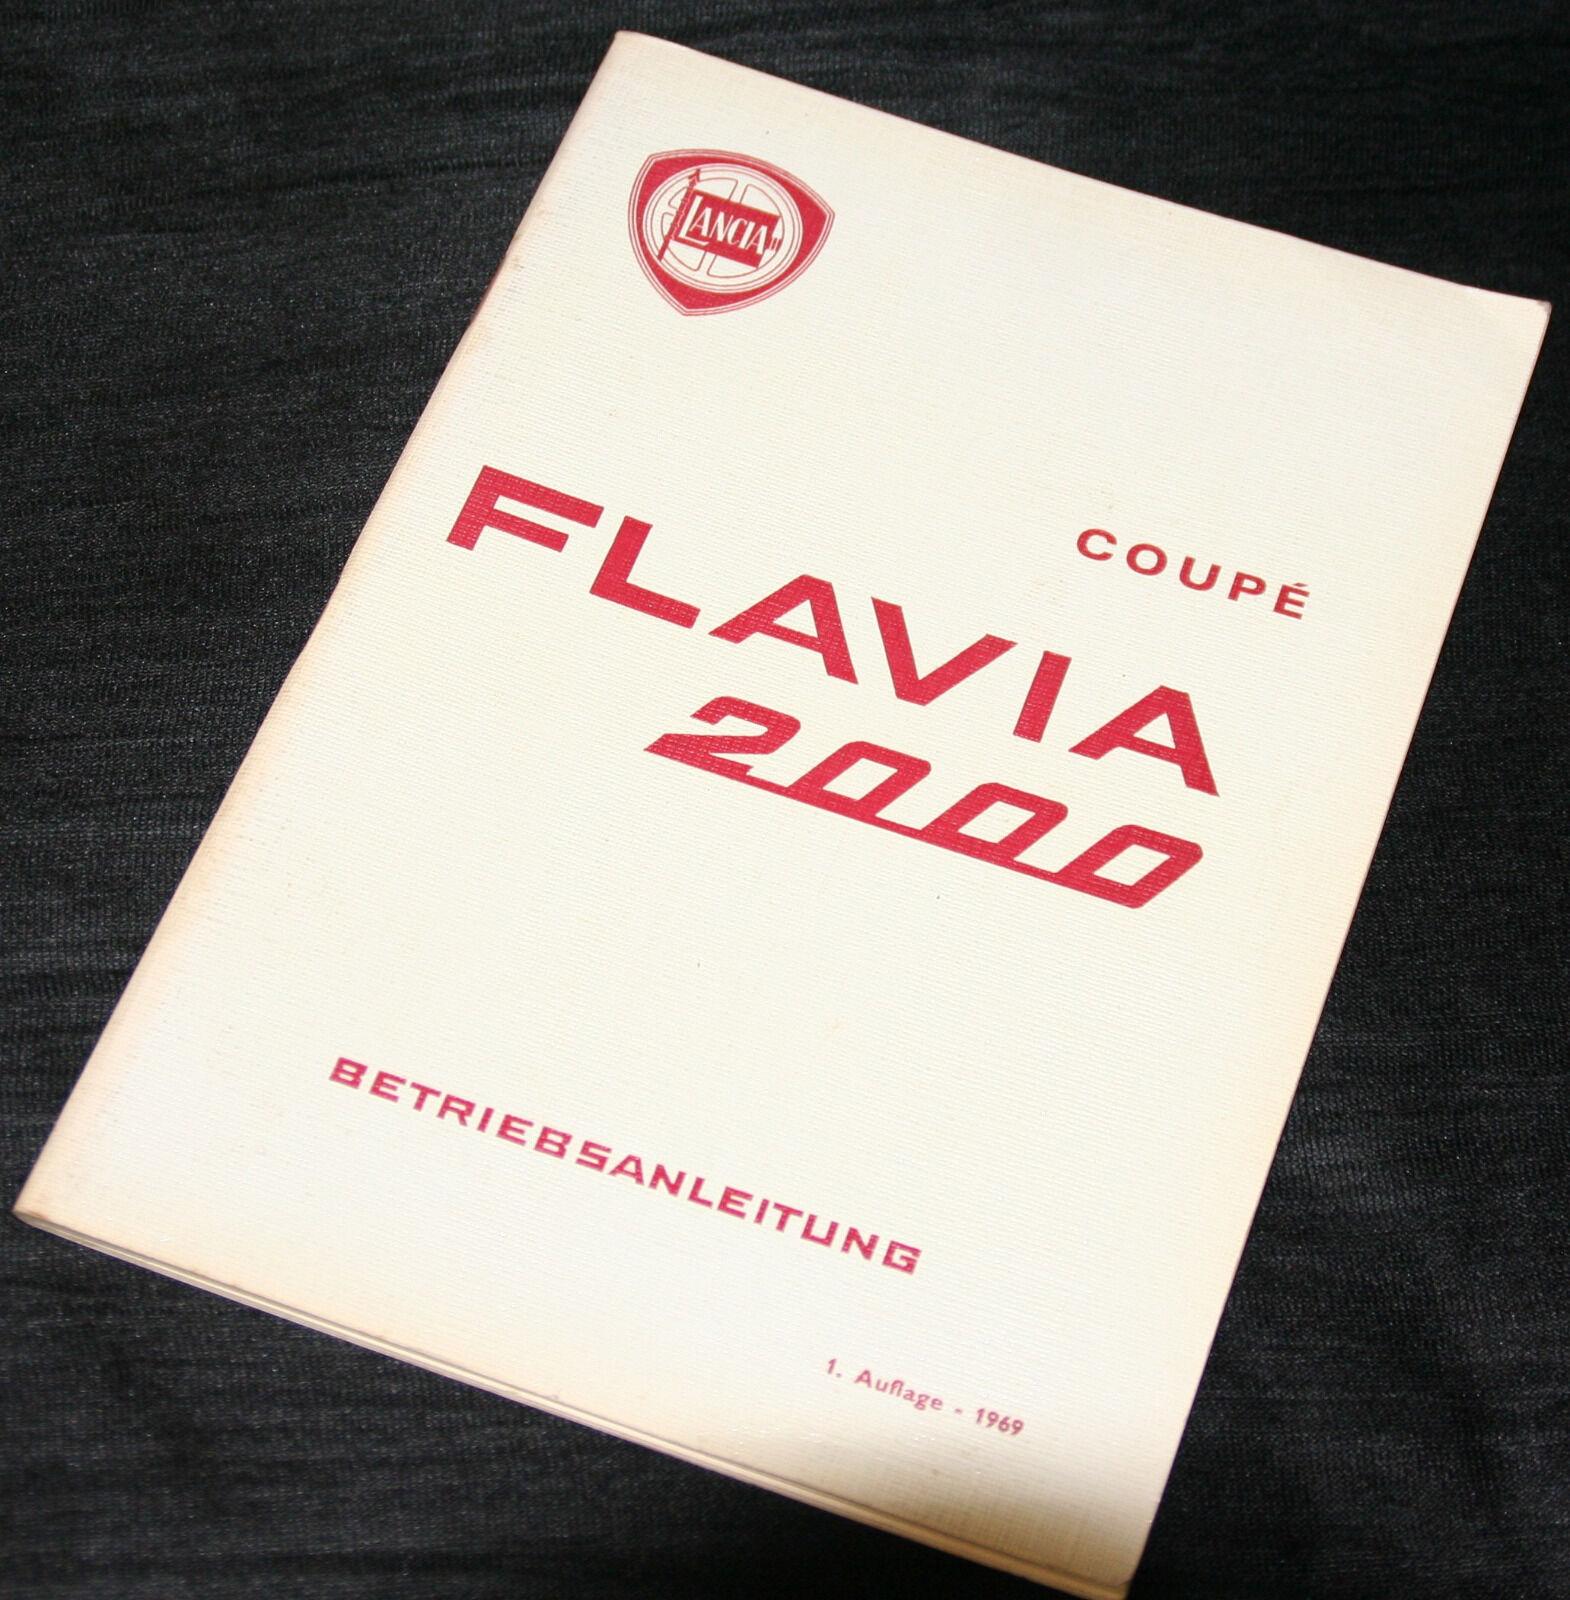 Betriebsanleitung für Lancia Flavia 2000 Coupe 1. Auflage von 1969 in Deutsch